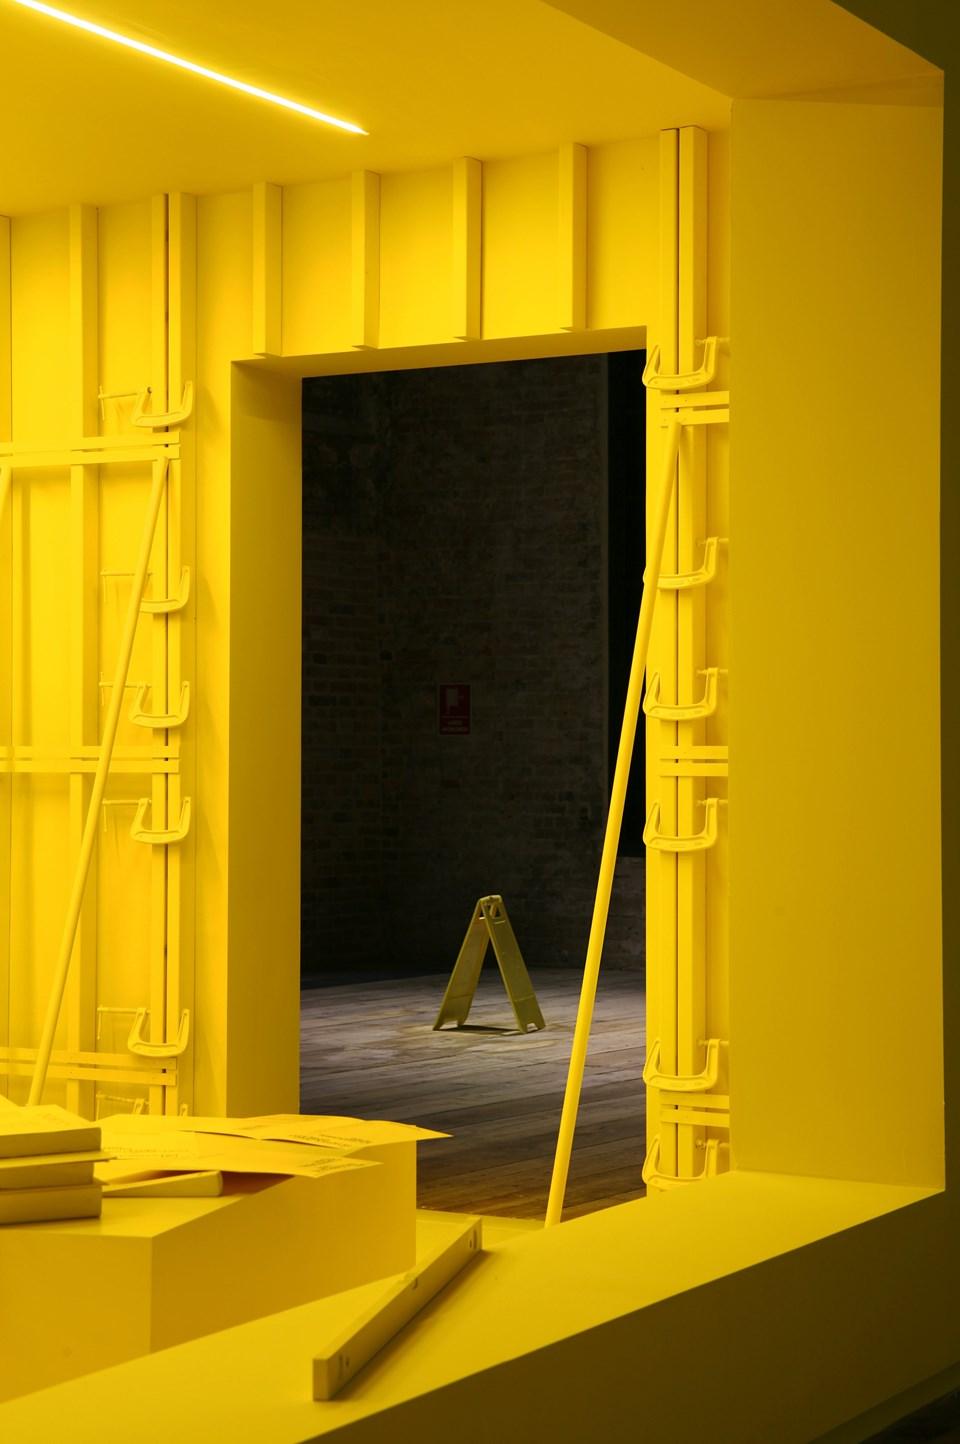 Venedik Bienali'nin 17. Uluslararası Mimarlık Sergisi Türkiye Pavyonu 22 Mayıs'ta açılıyor